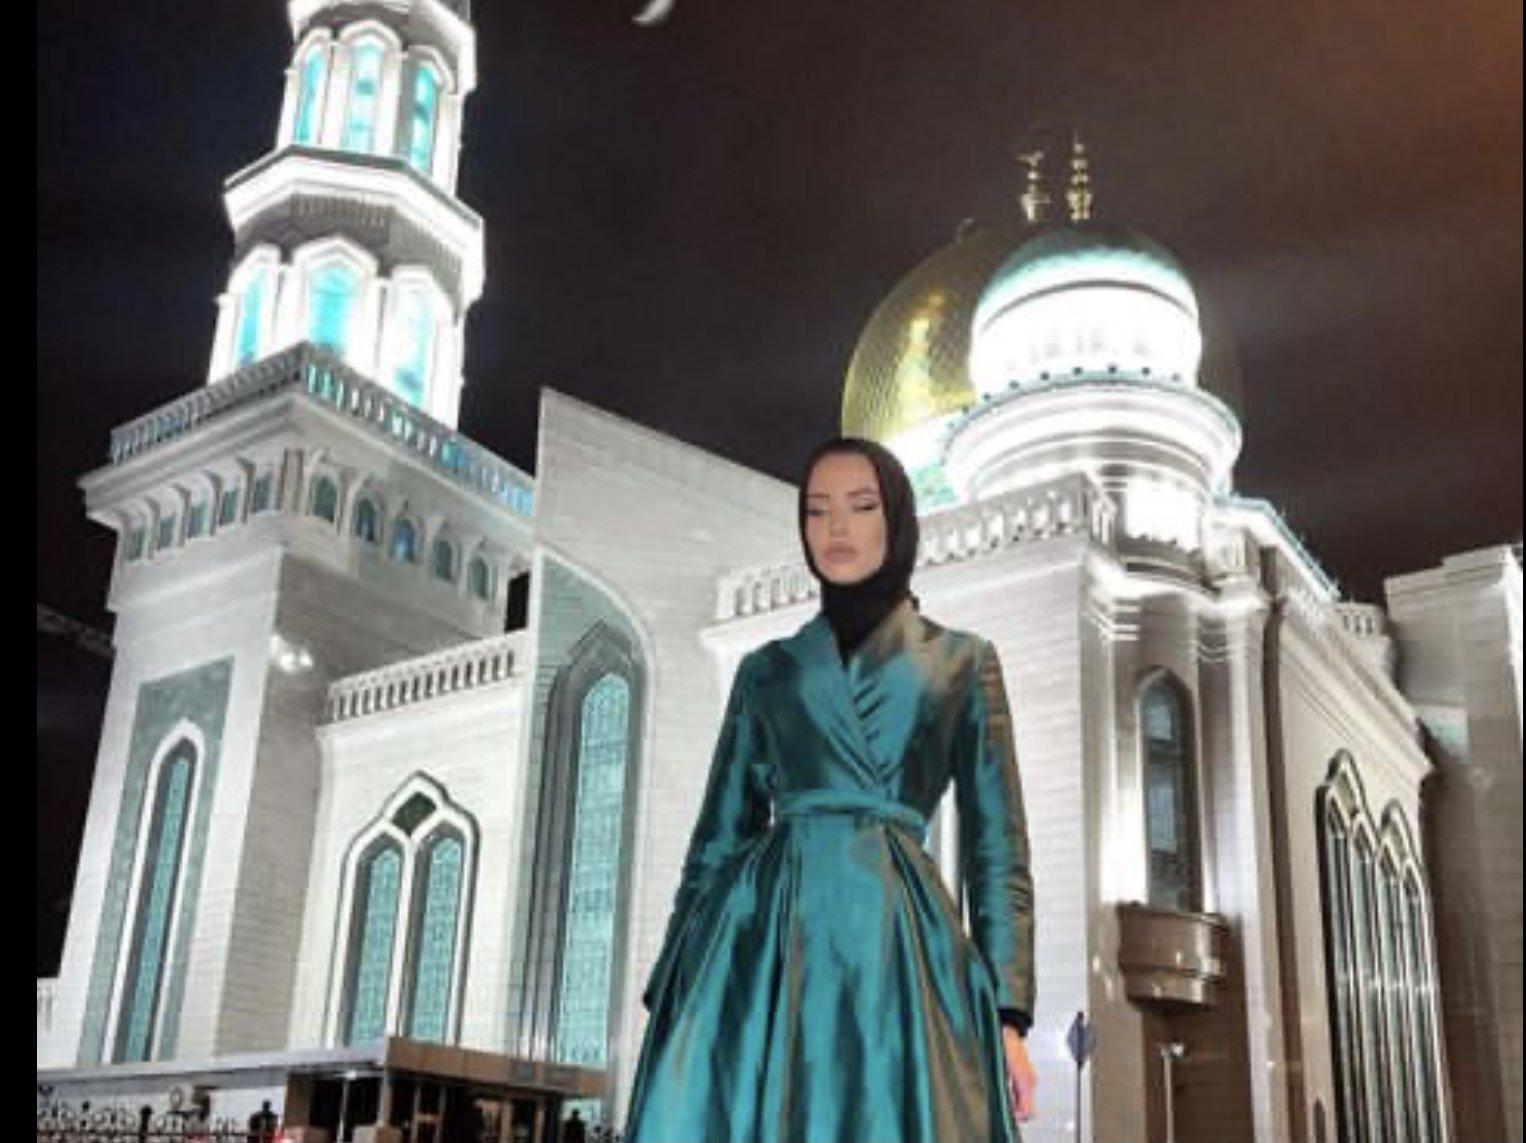 Почему приняв ислам, Анастасия Решетова продолжает носить откровенные наряды?